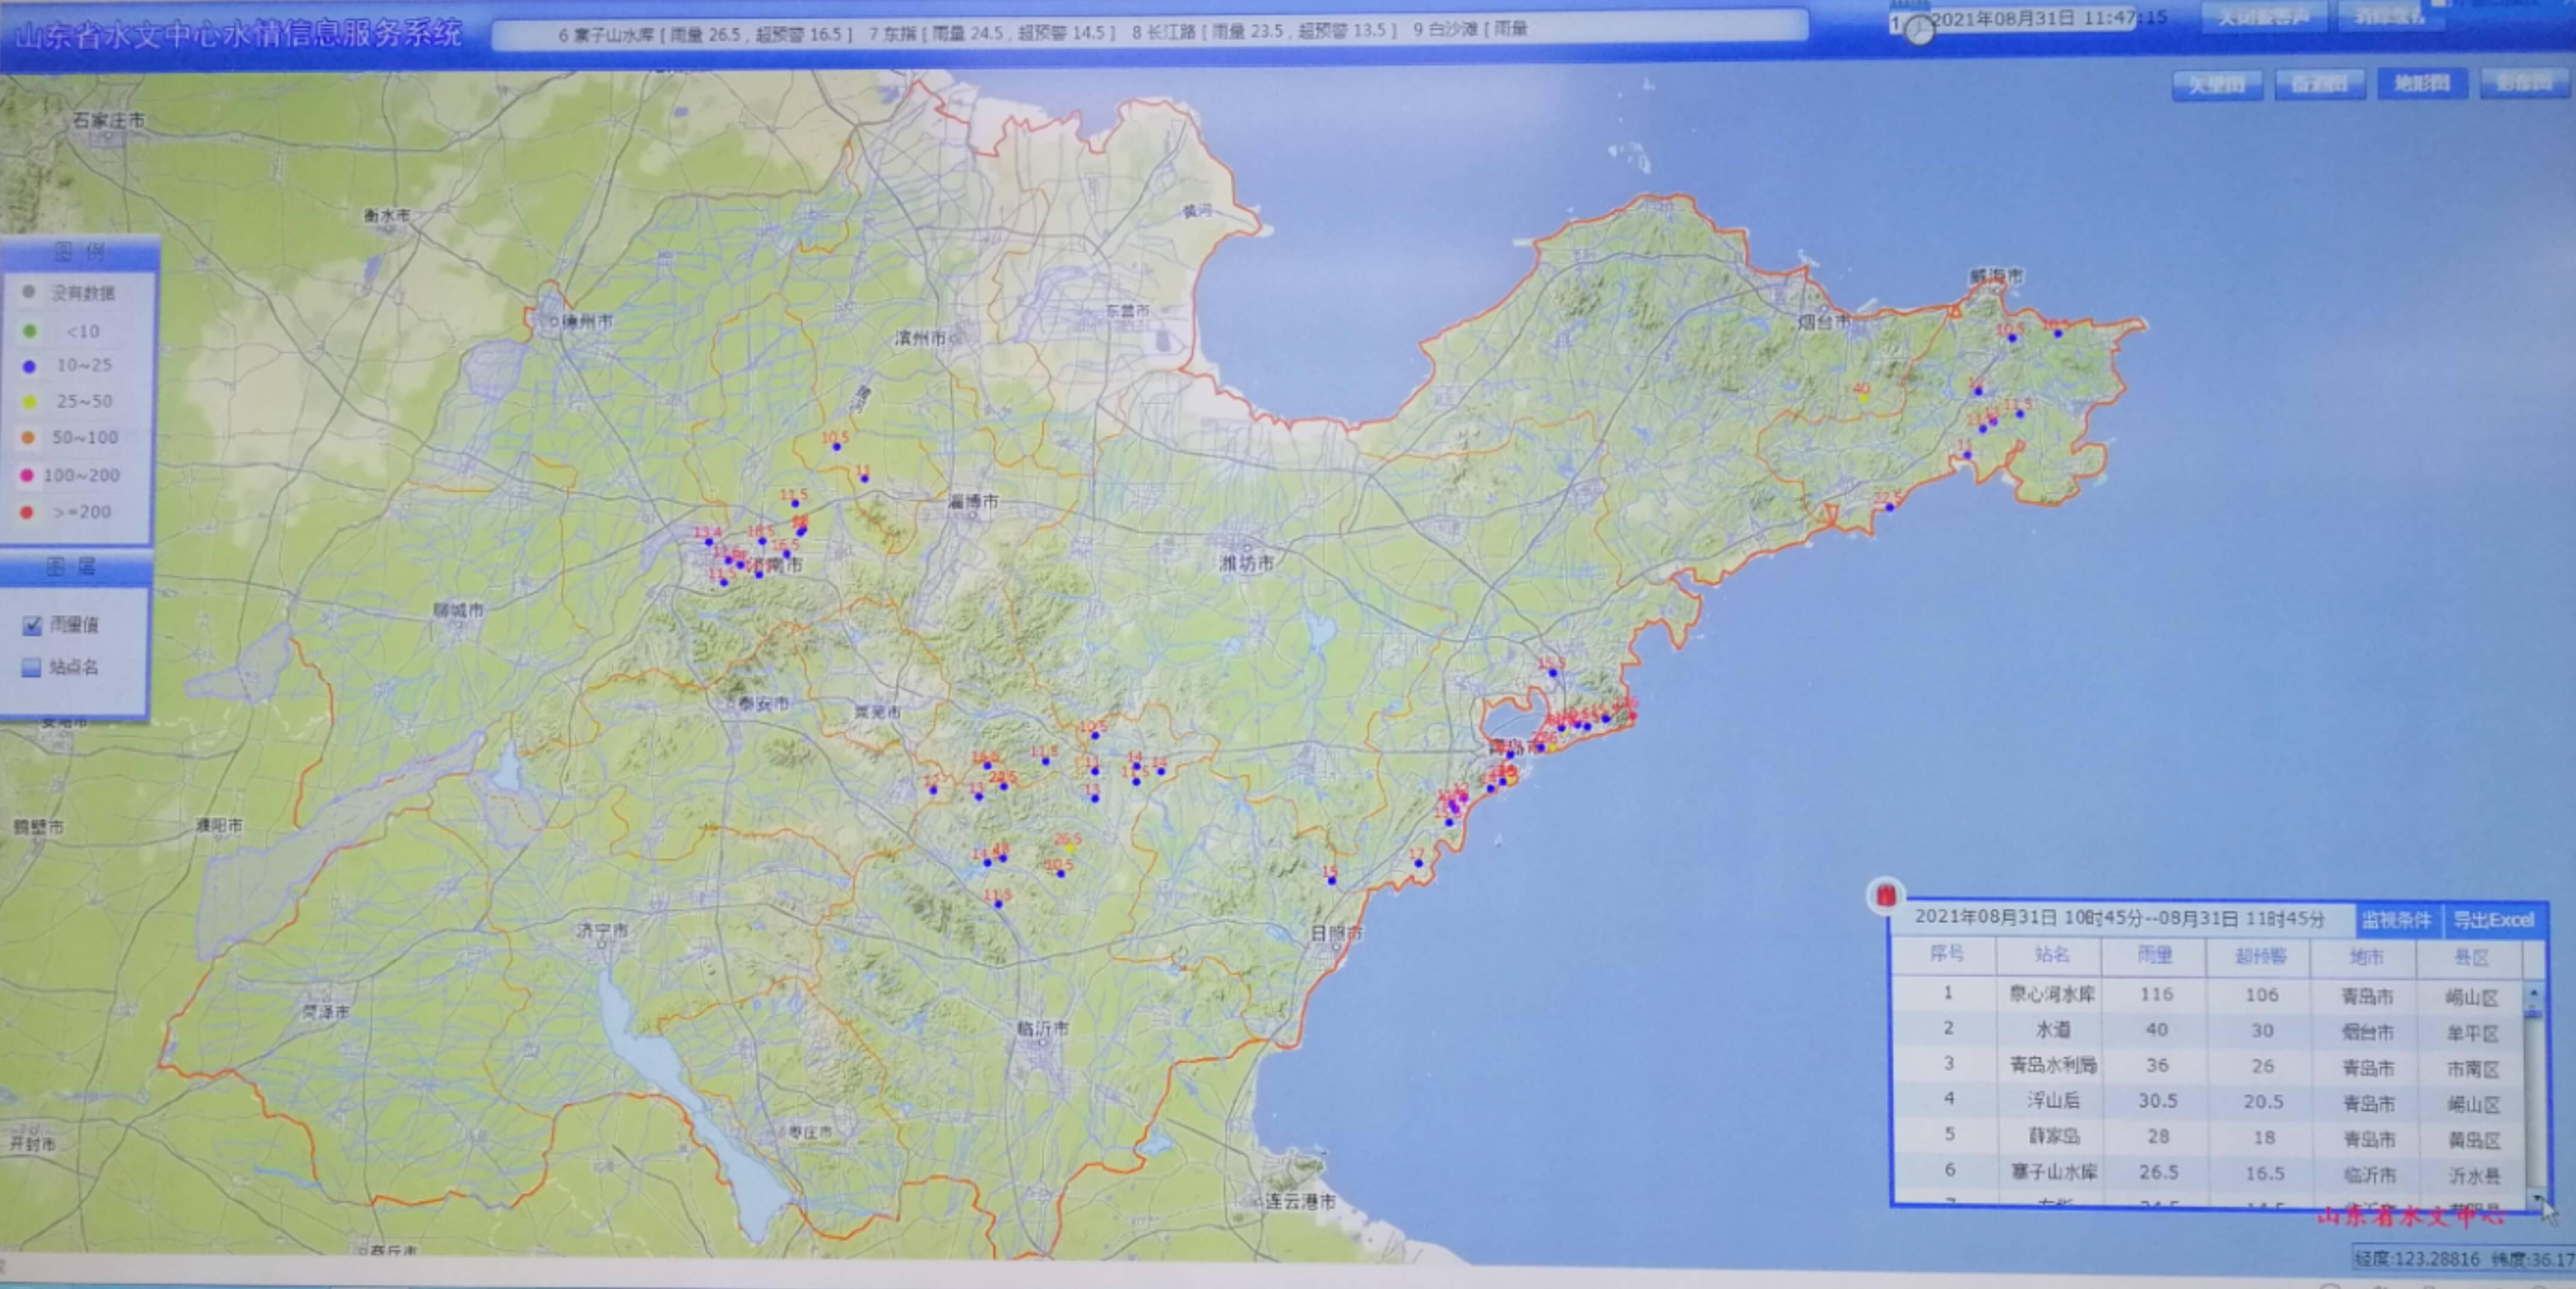 潍坊东部、烟台、威海和青岛预计今日有大到暴雨 山东省防指31日12时发布防汛预警